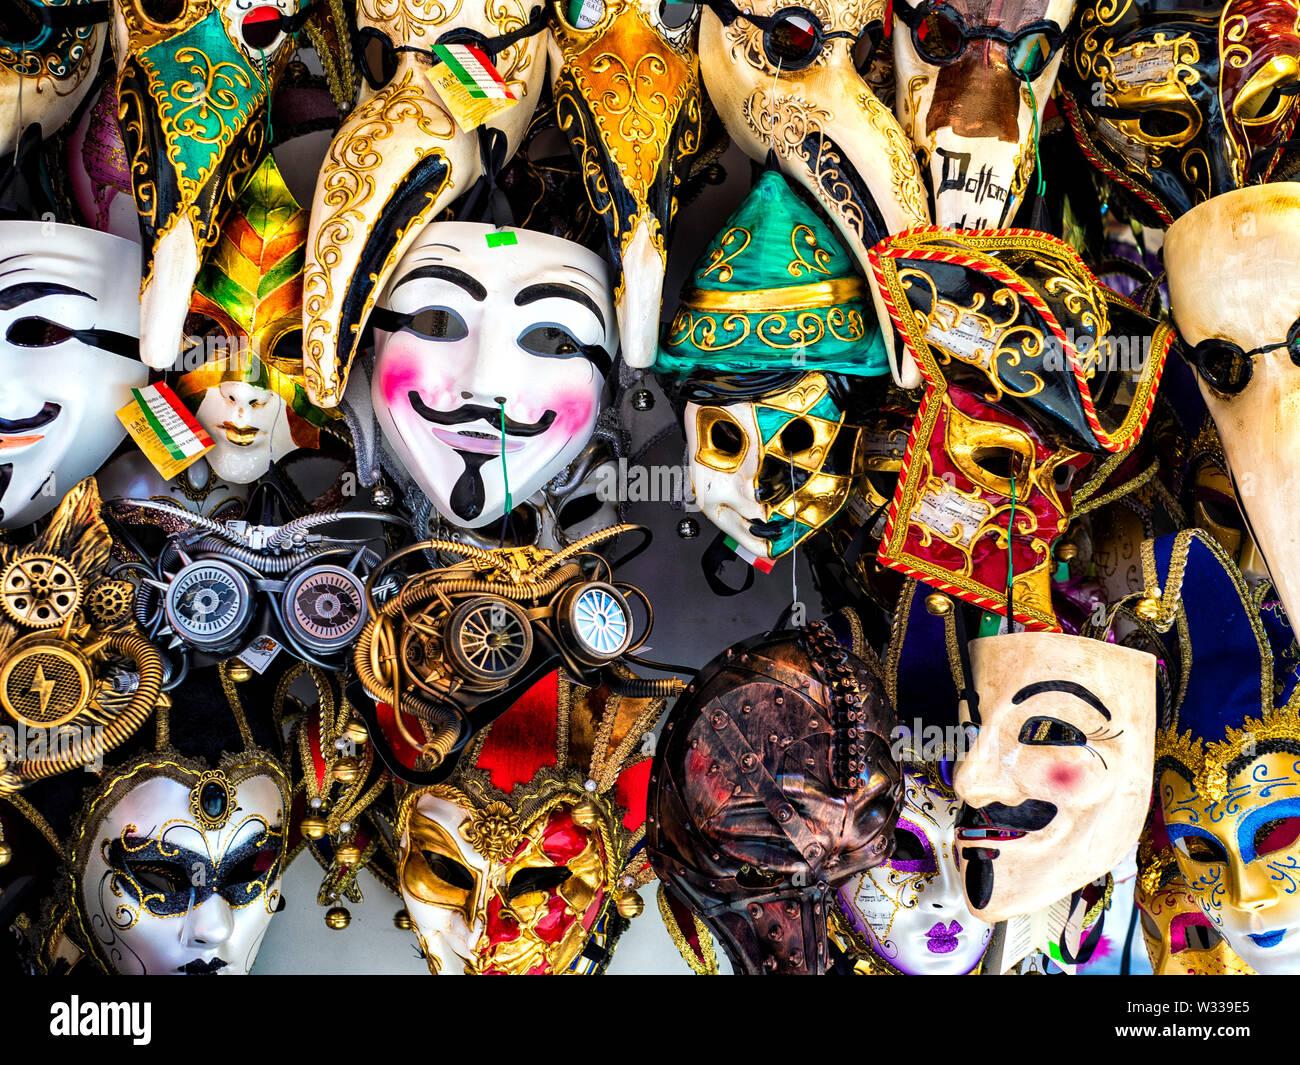 Carnival Masks in Venice, Italy - Stock Image